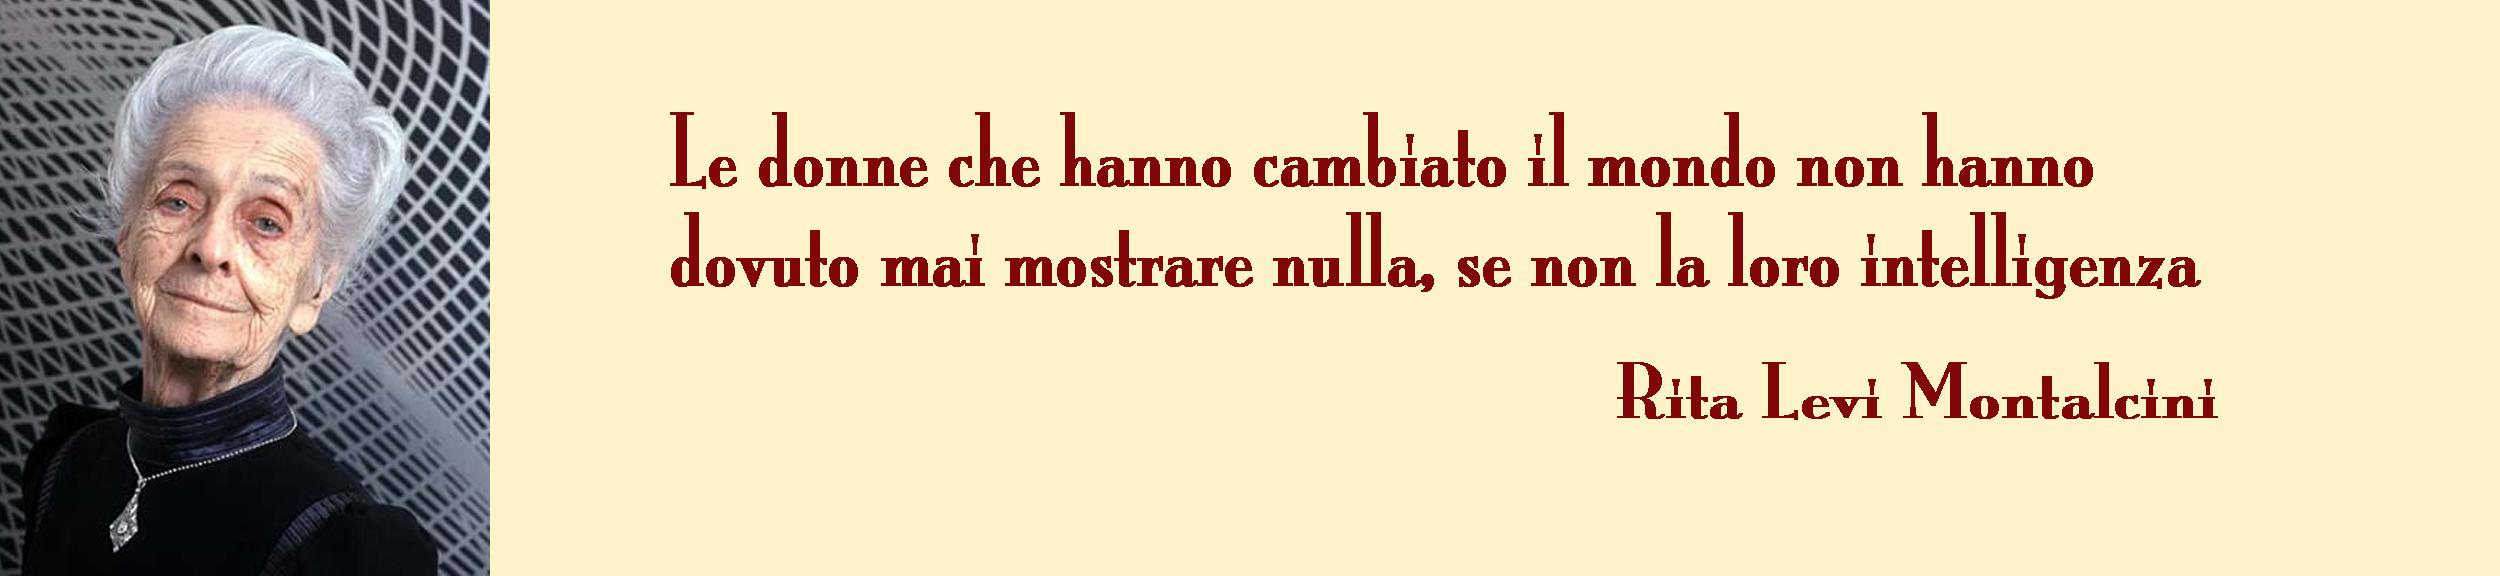 Foto di Rita Levi di Montalcini con una sua massima